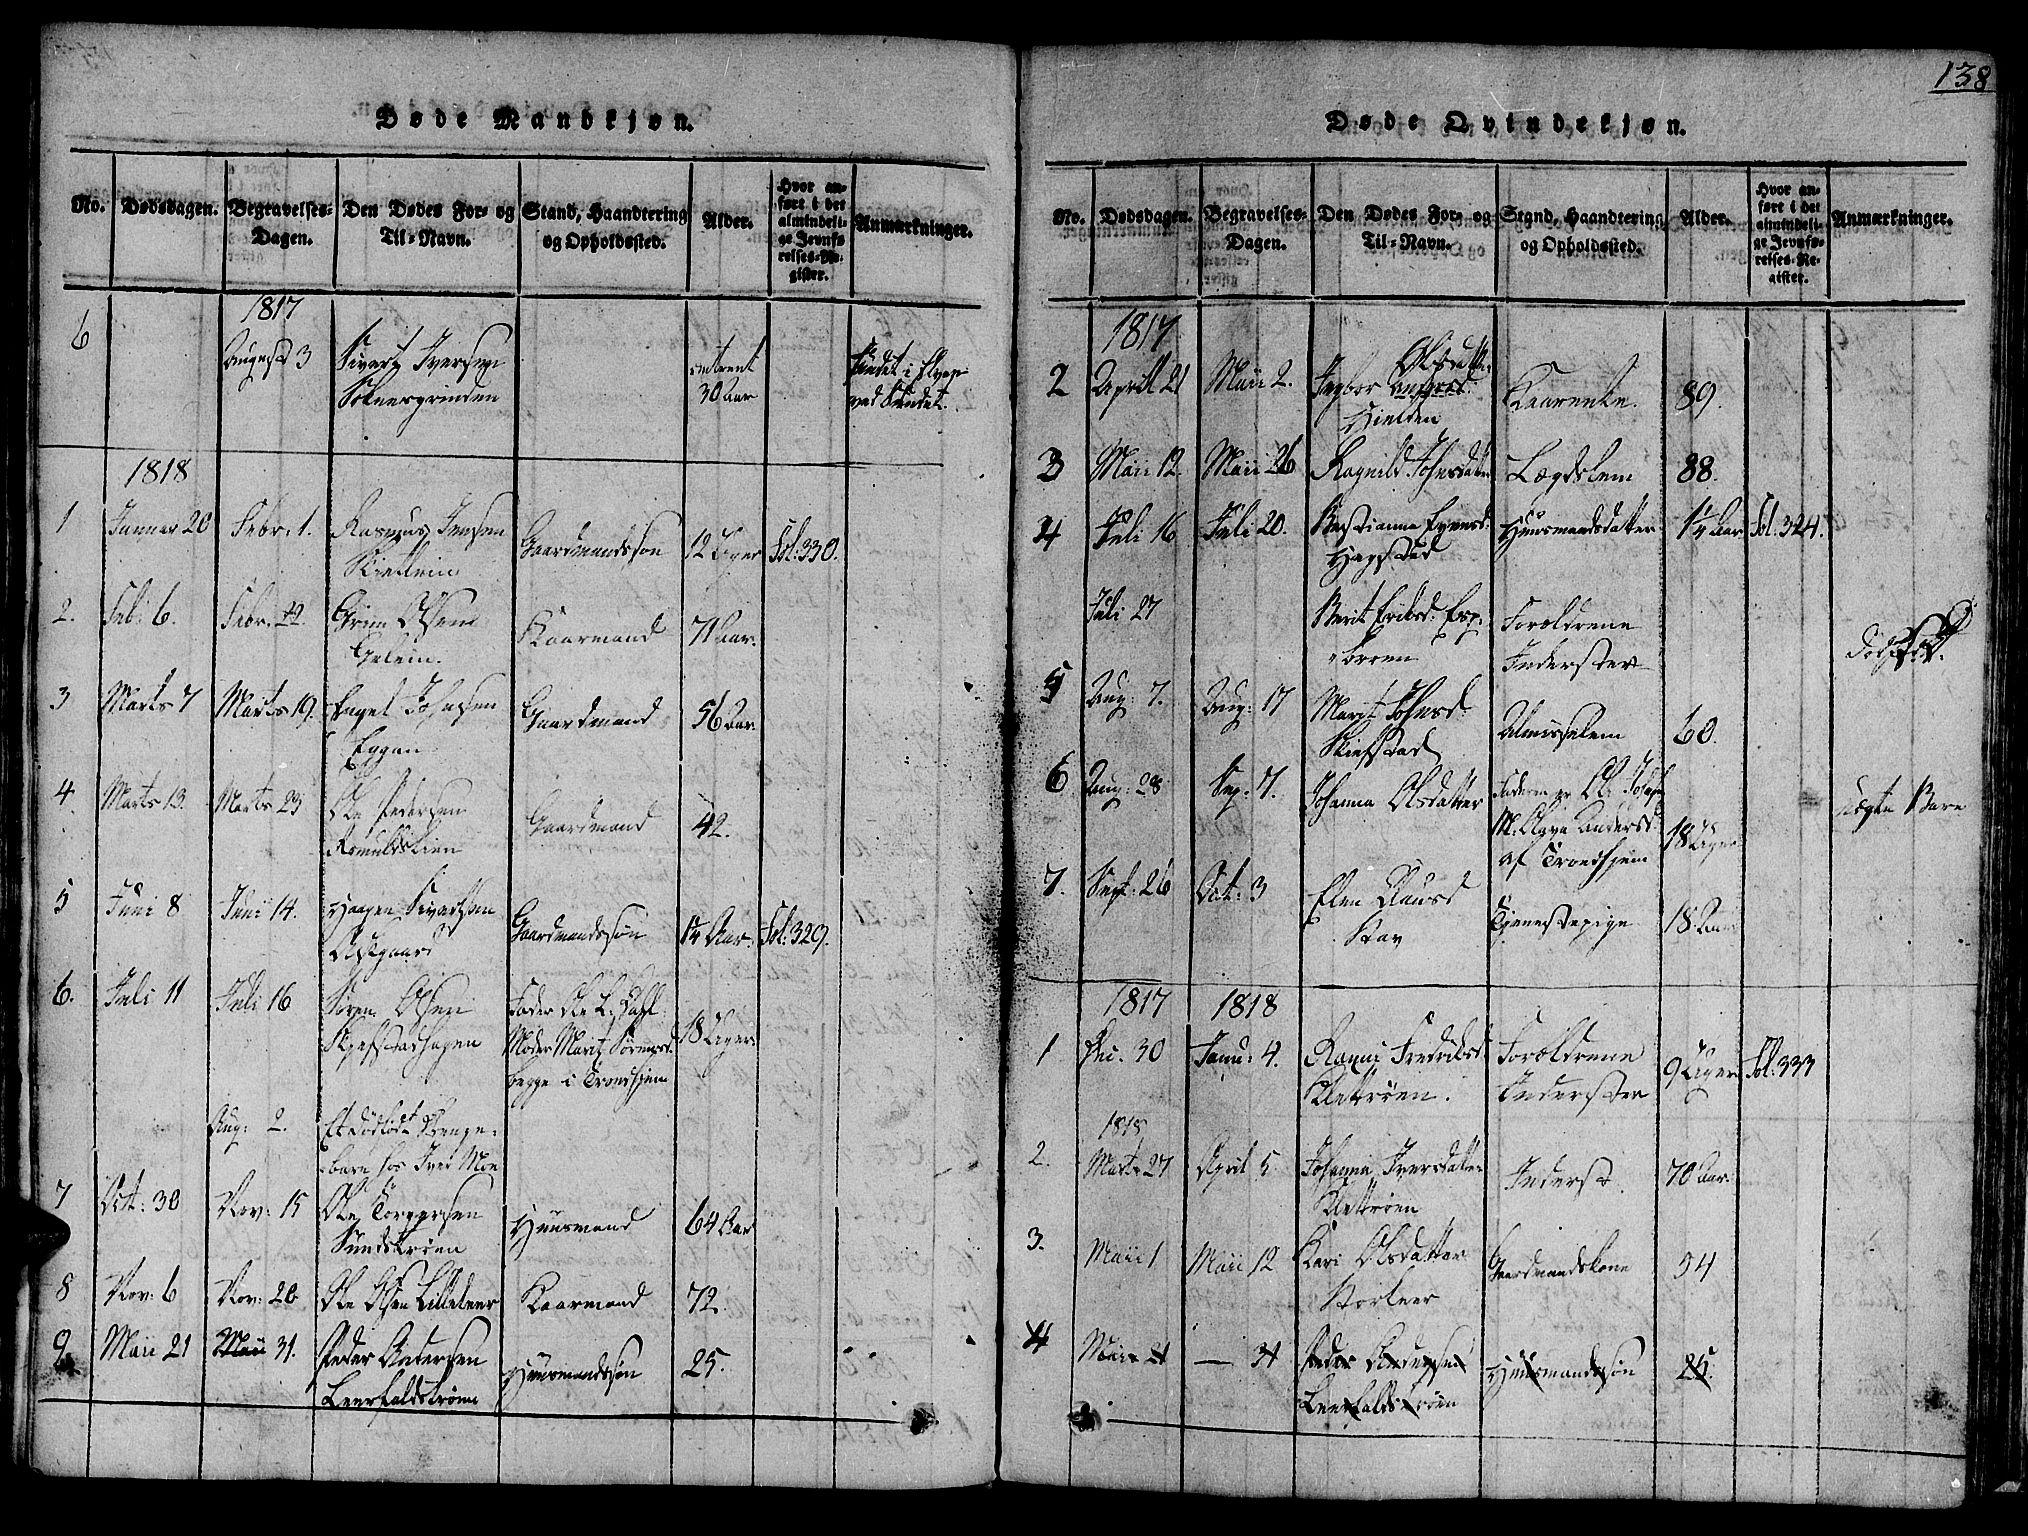 SAT, Ministerialprotokoller, klokkerbøker og fødselsregistre - Sør-Trøndelag, 691/L1067: Ministerialbok nr. 691A03 /3, 1816-1826, s. 138